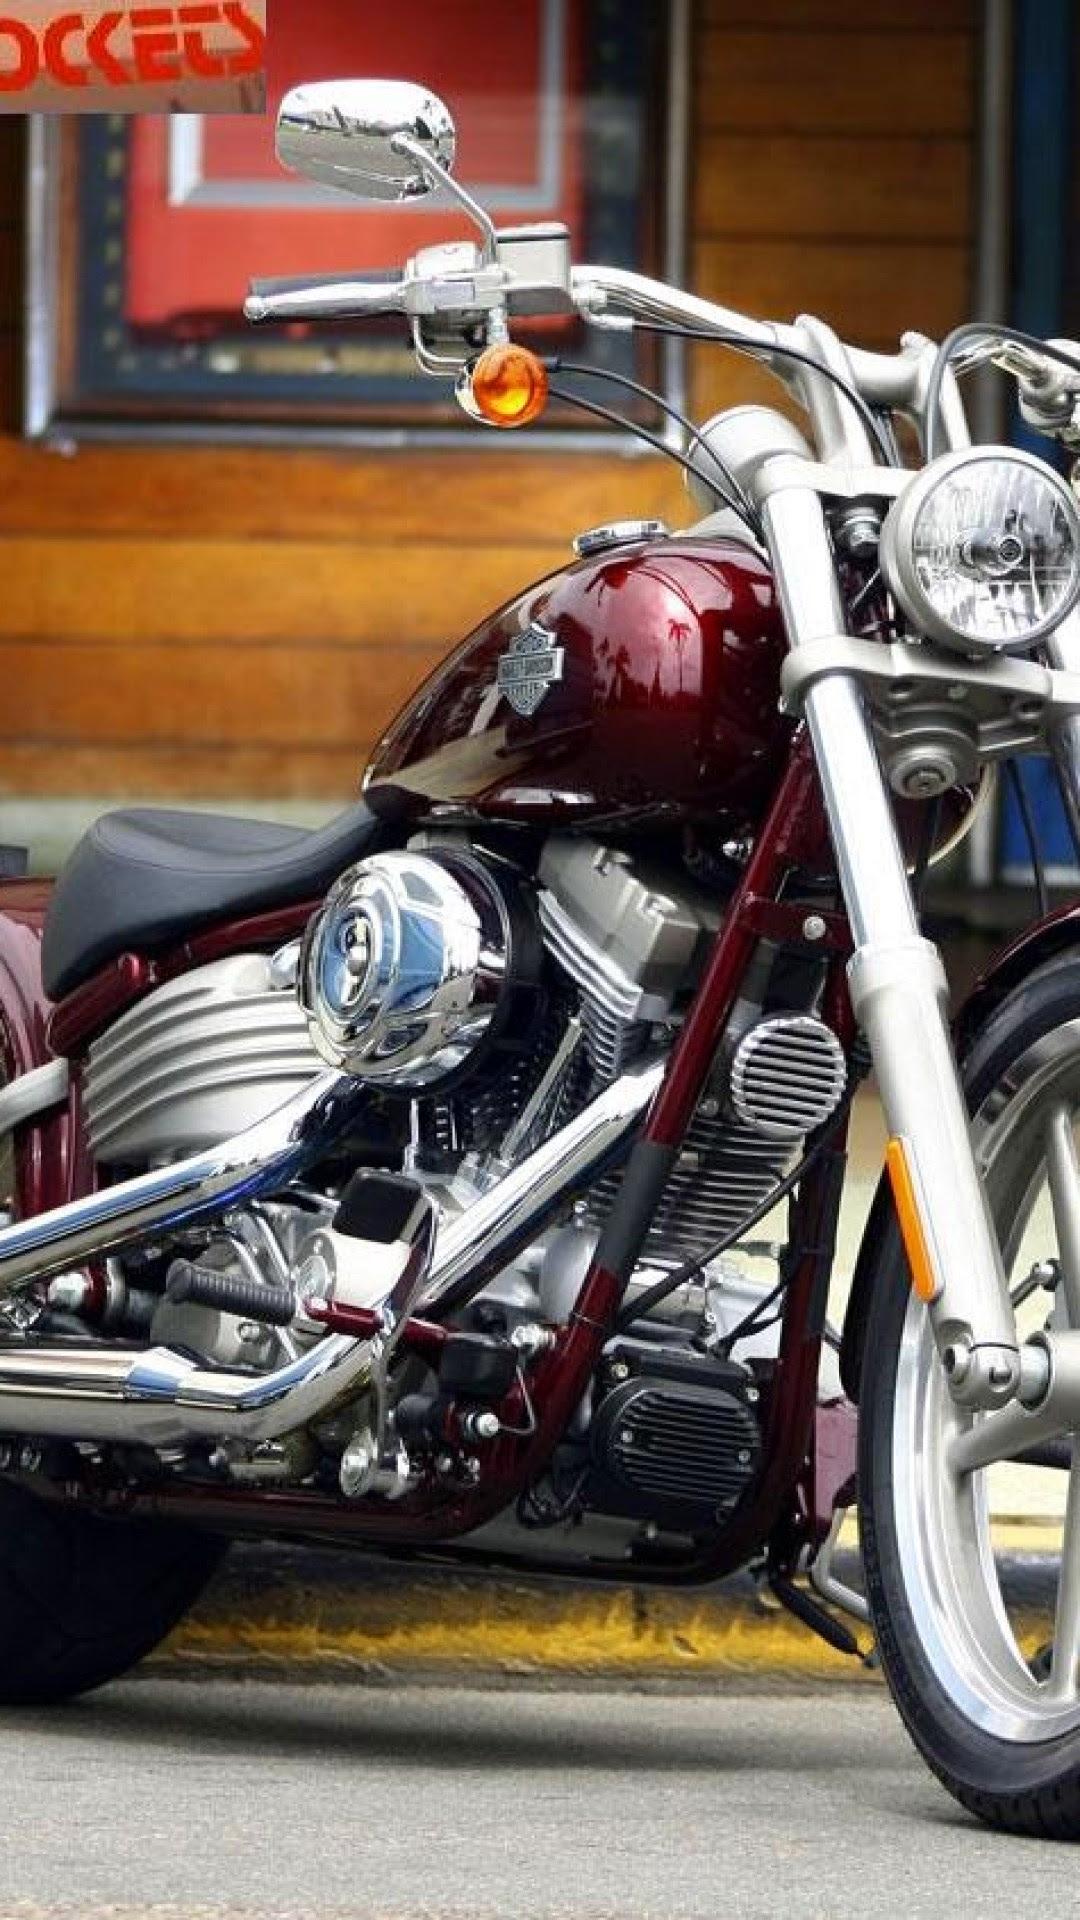 Gambar Modifikasi Motor Honda Jadi Harley Terbaru Pecinta Modifikasi